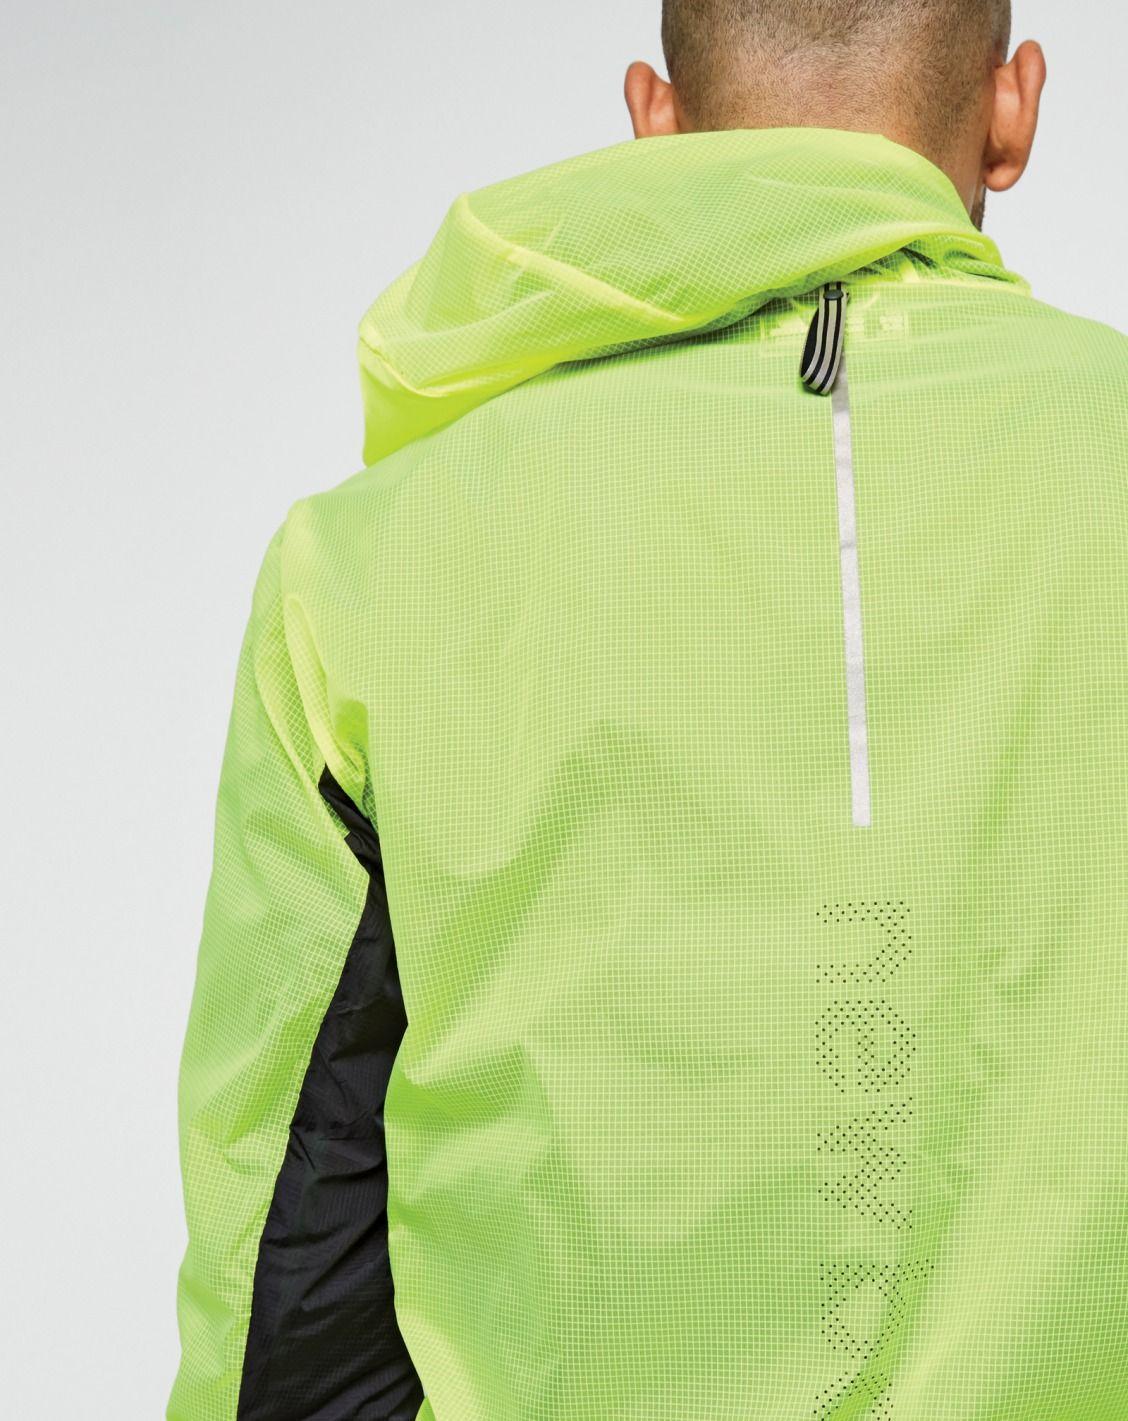 New Balance For J Crew Men S Lightweight Packable Jacket Menswear